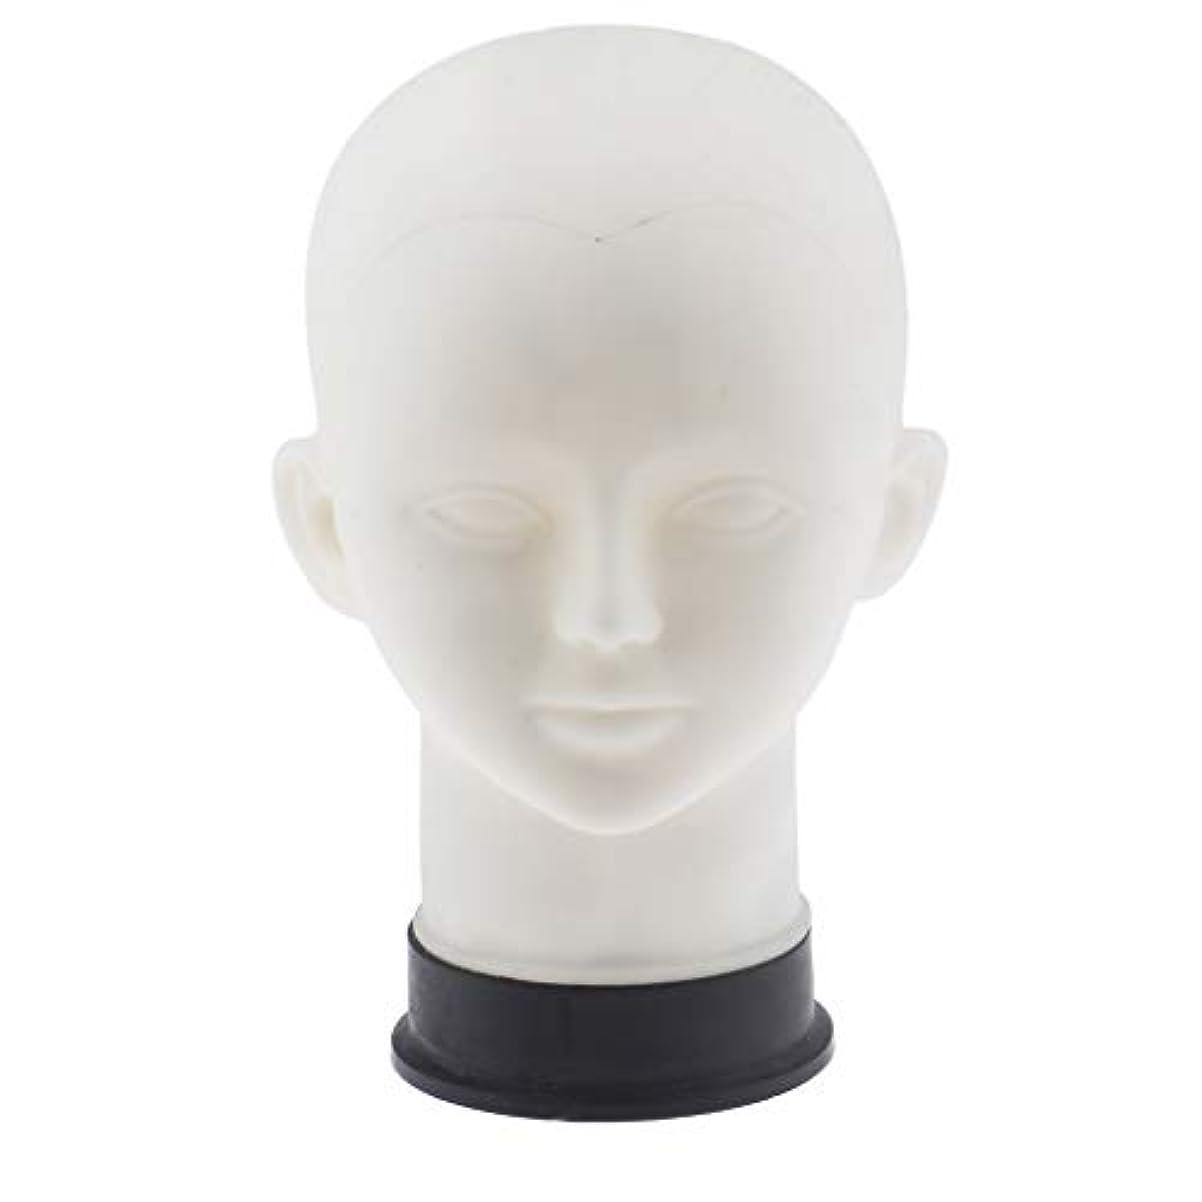 癒す揮発性家マネキンヘッド 男性 メイクアップ練習 かつら 帽子 スカーフ ディスプレイ ホルダー